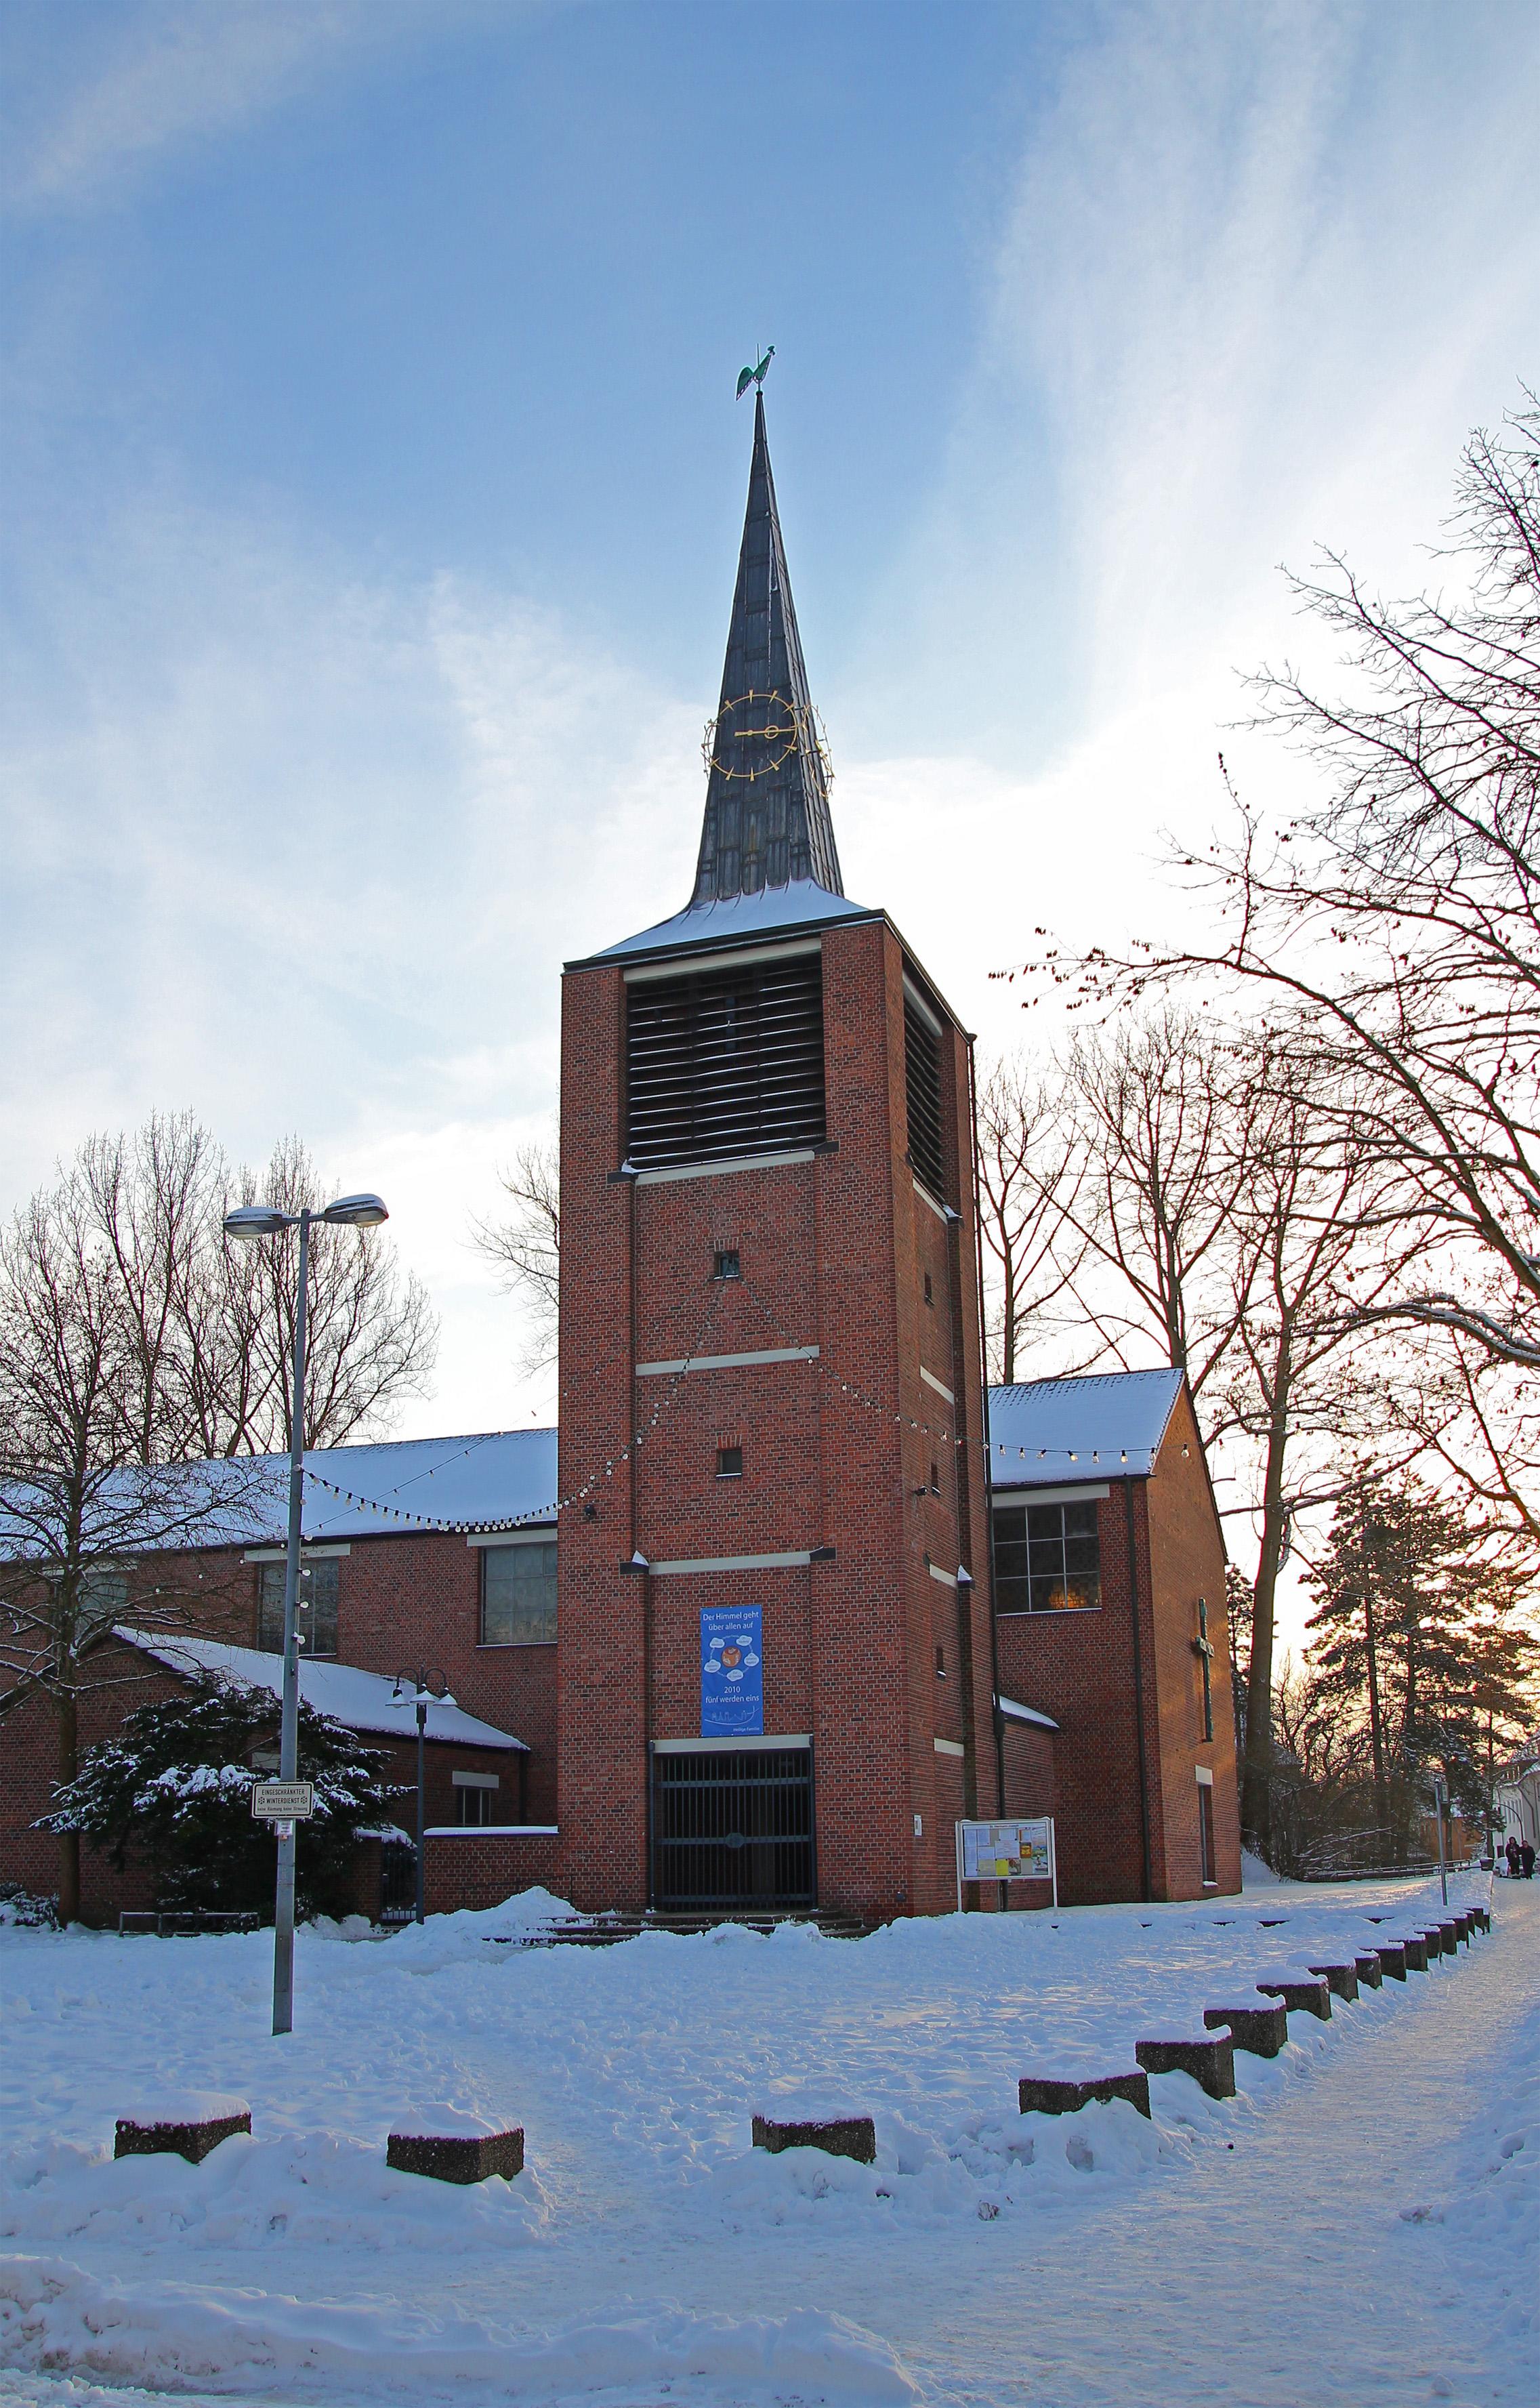 Weihnachten Kirche.Datei Weisse Weihnachten In Duennwald Katholische Kirche Jpg